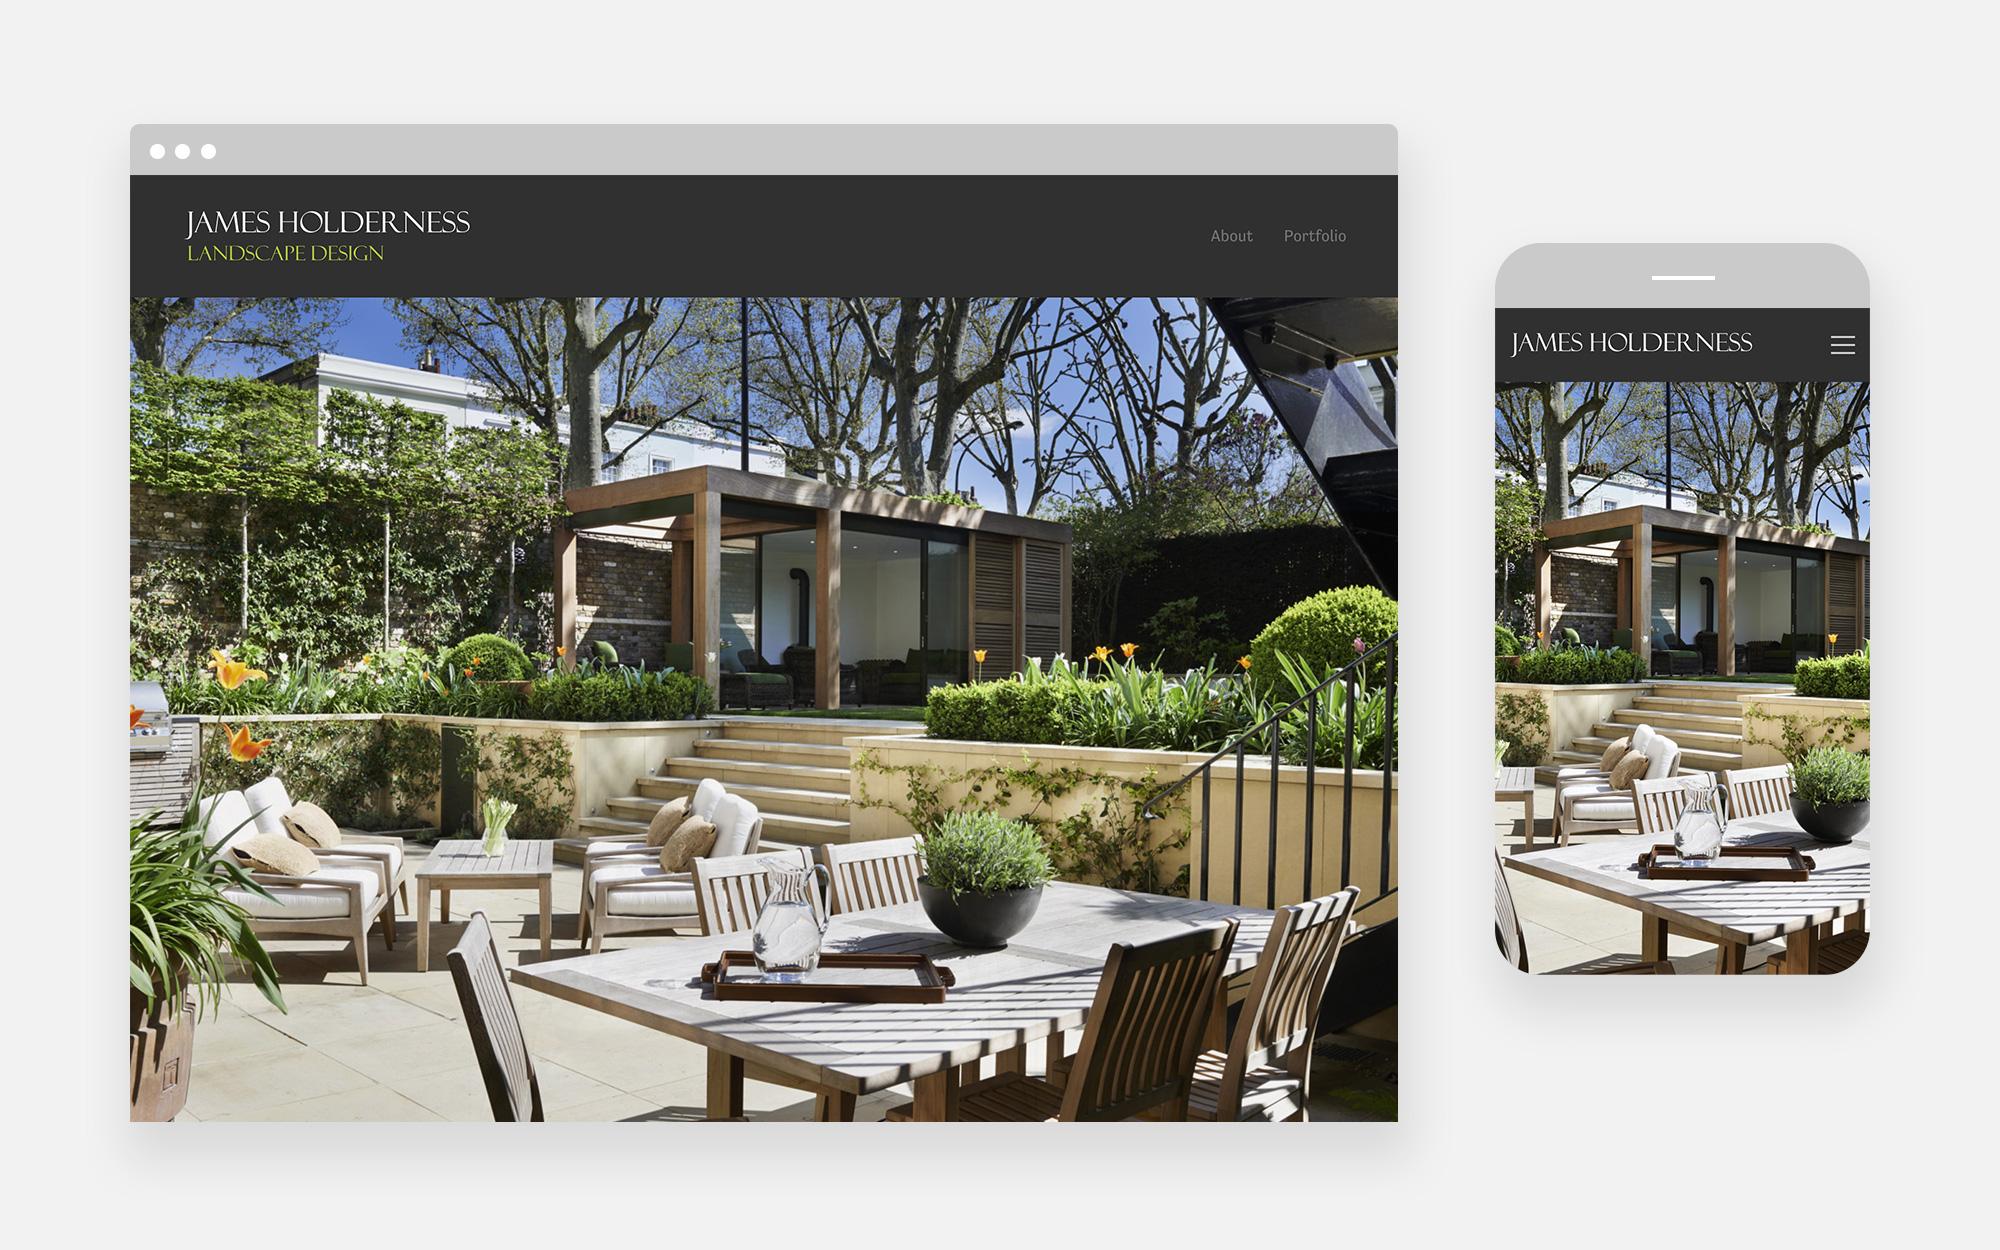 James Holderness Landscape design website design 1